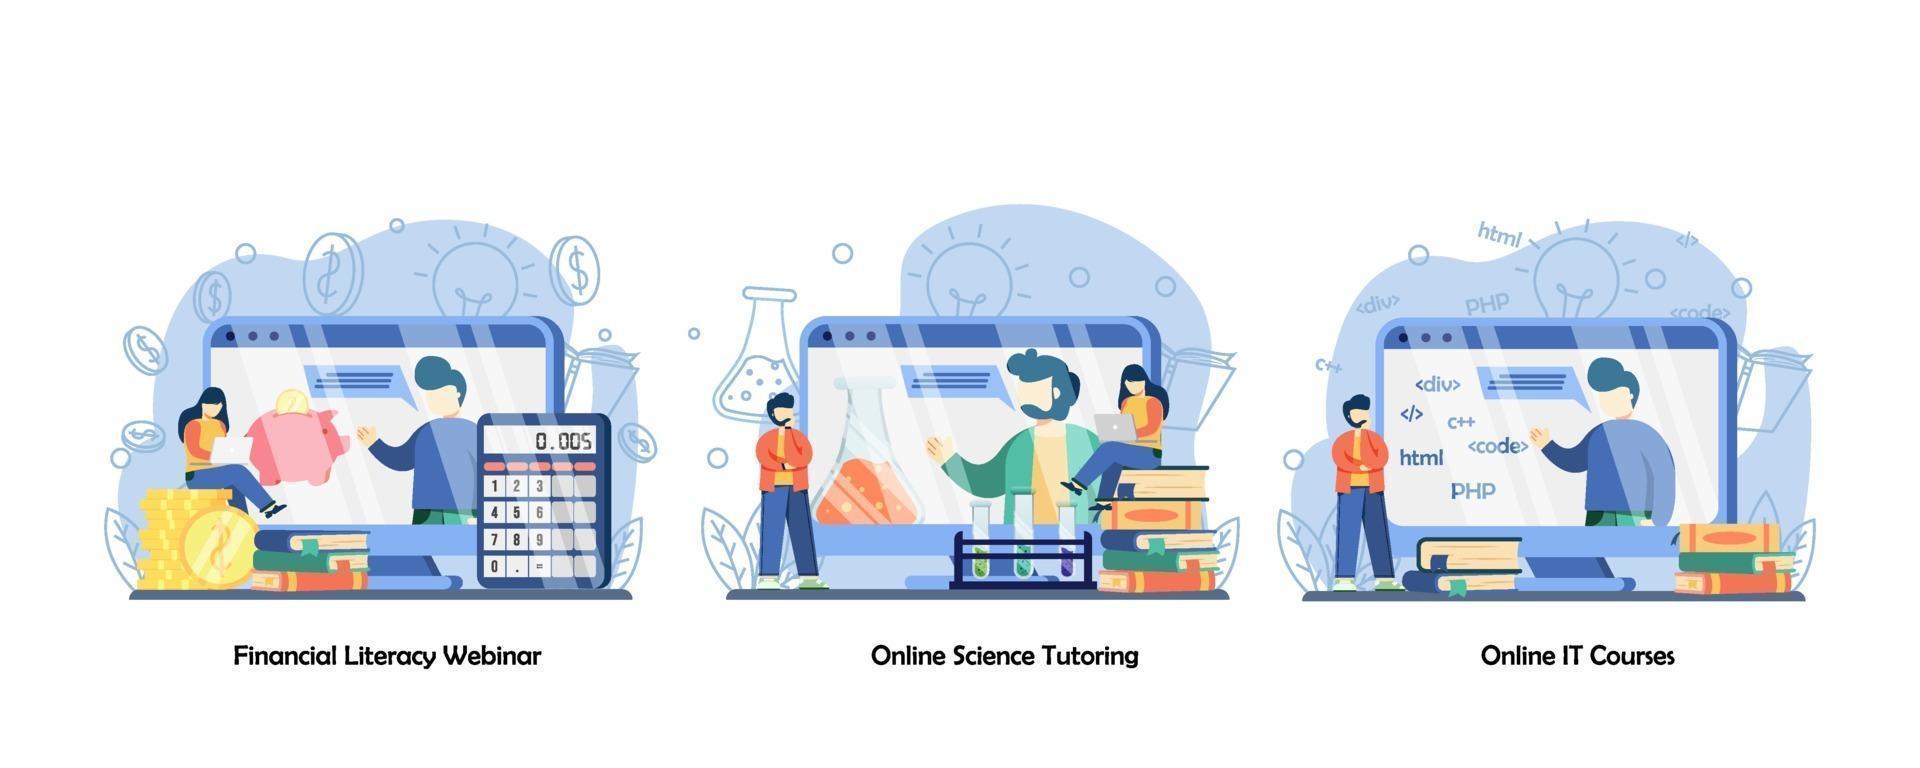 online onderwijs, online klas, digitaal onderwijsplatform icon set. webinar over financiële geletterdheid, online wetenschappelijke bijles, online it-cursussen. vector platte ontwerp geïsoleerde concept metafoor illustraties